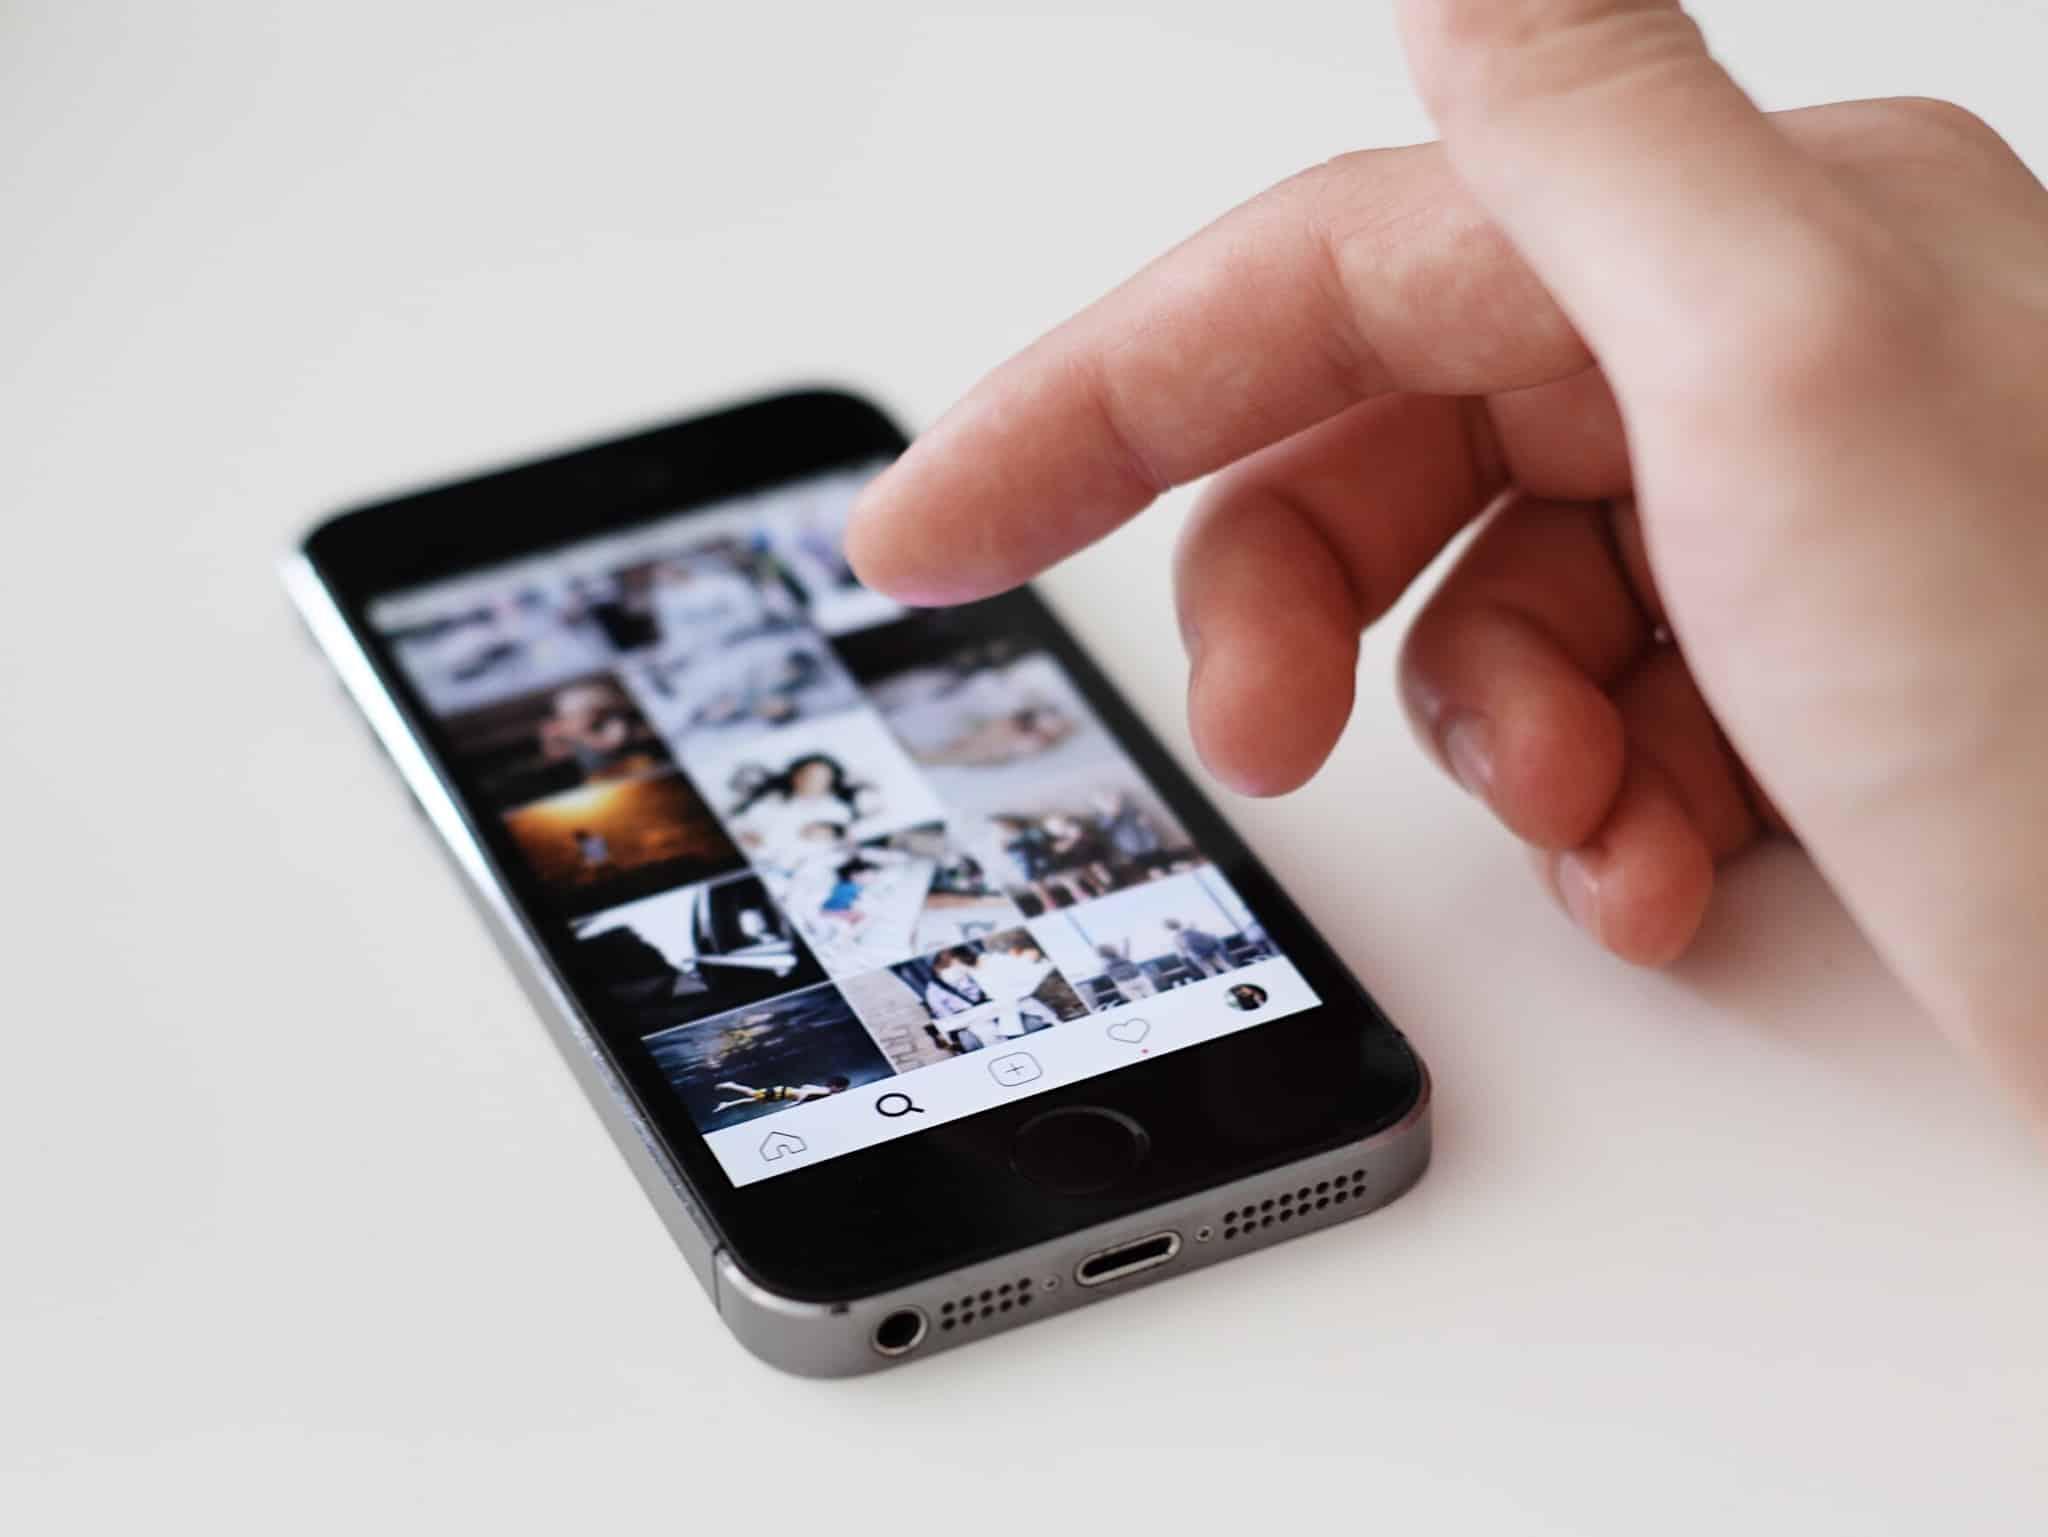 pessoa a mexer em imagens num iphone4